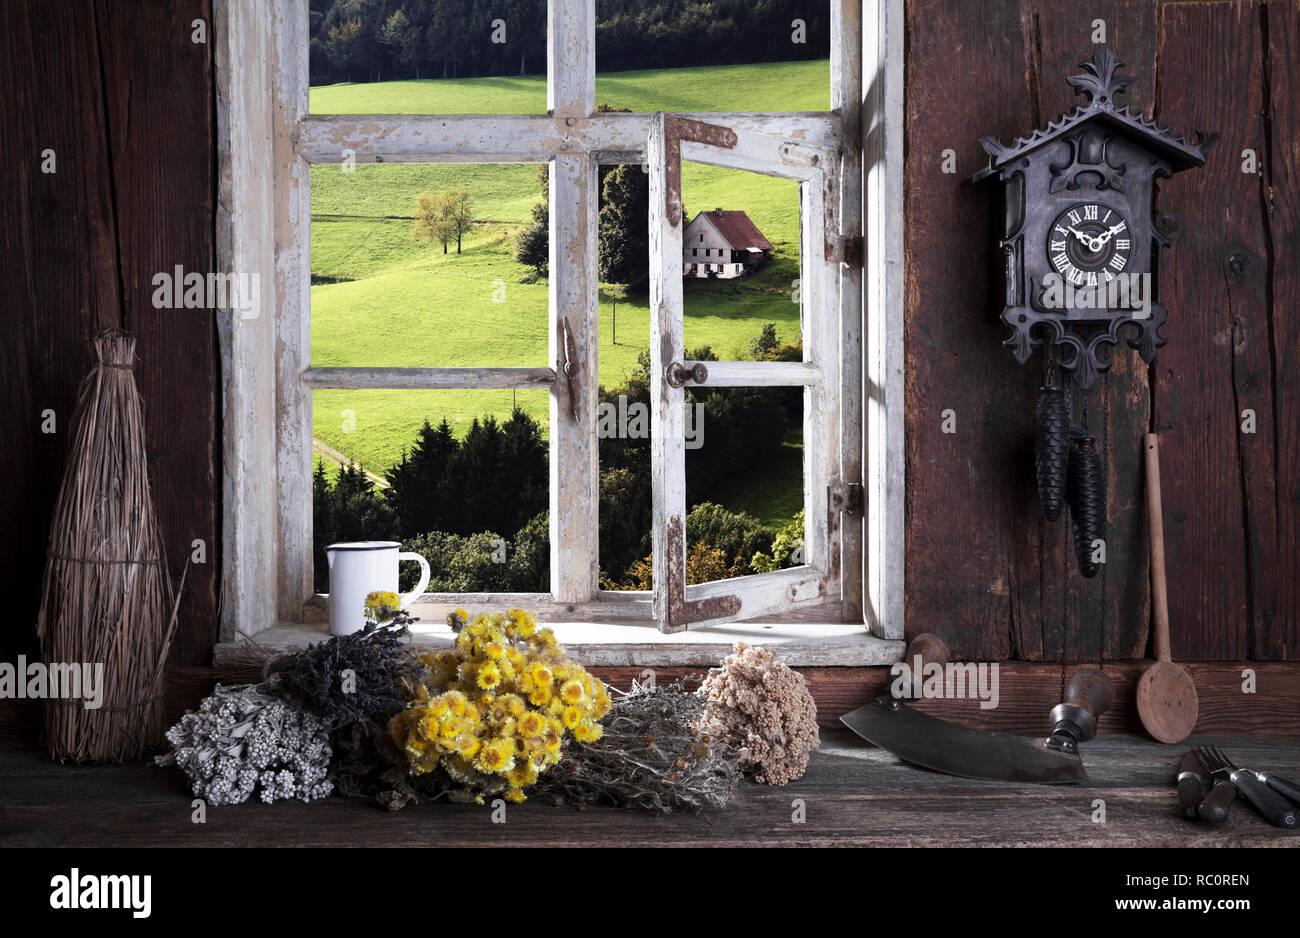 Bauernstube, Blick durch das Fenster - Stock Image